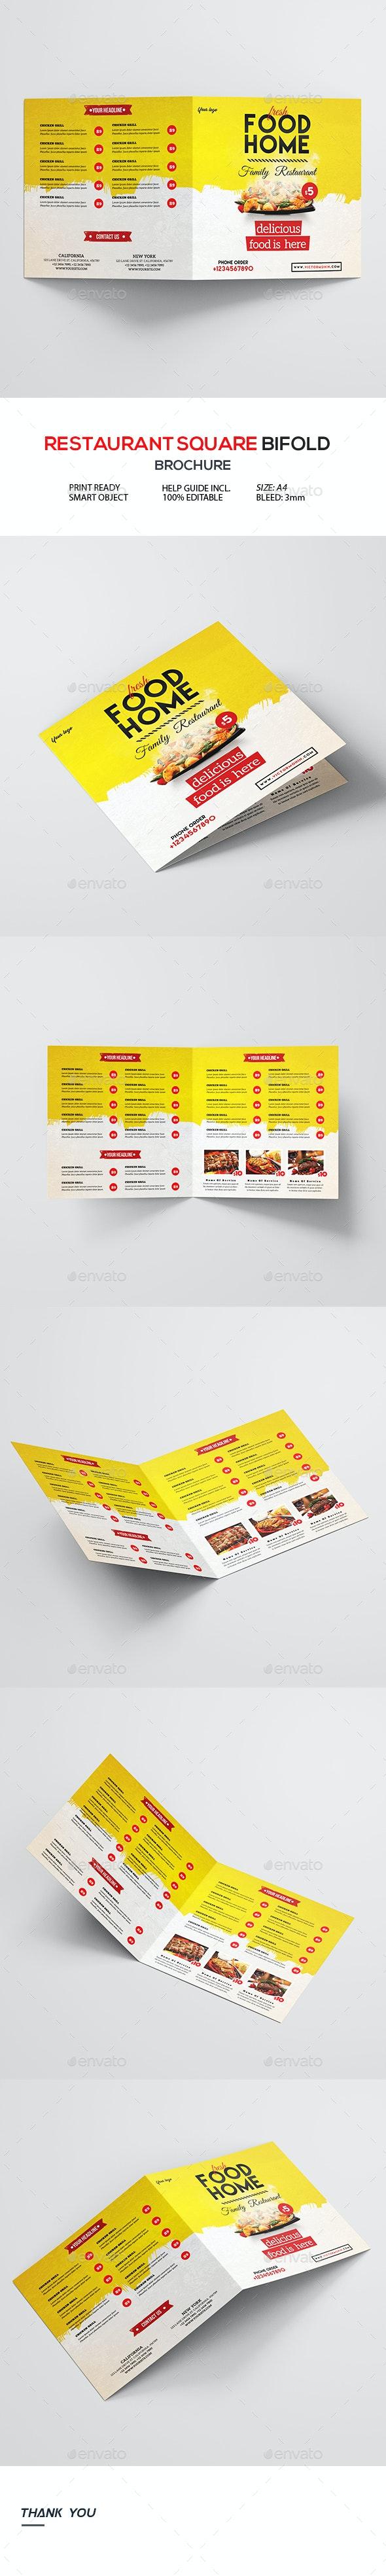 Bi-Fold Square Food Menu Template - Food Menus Print Templates